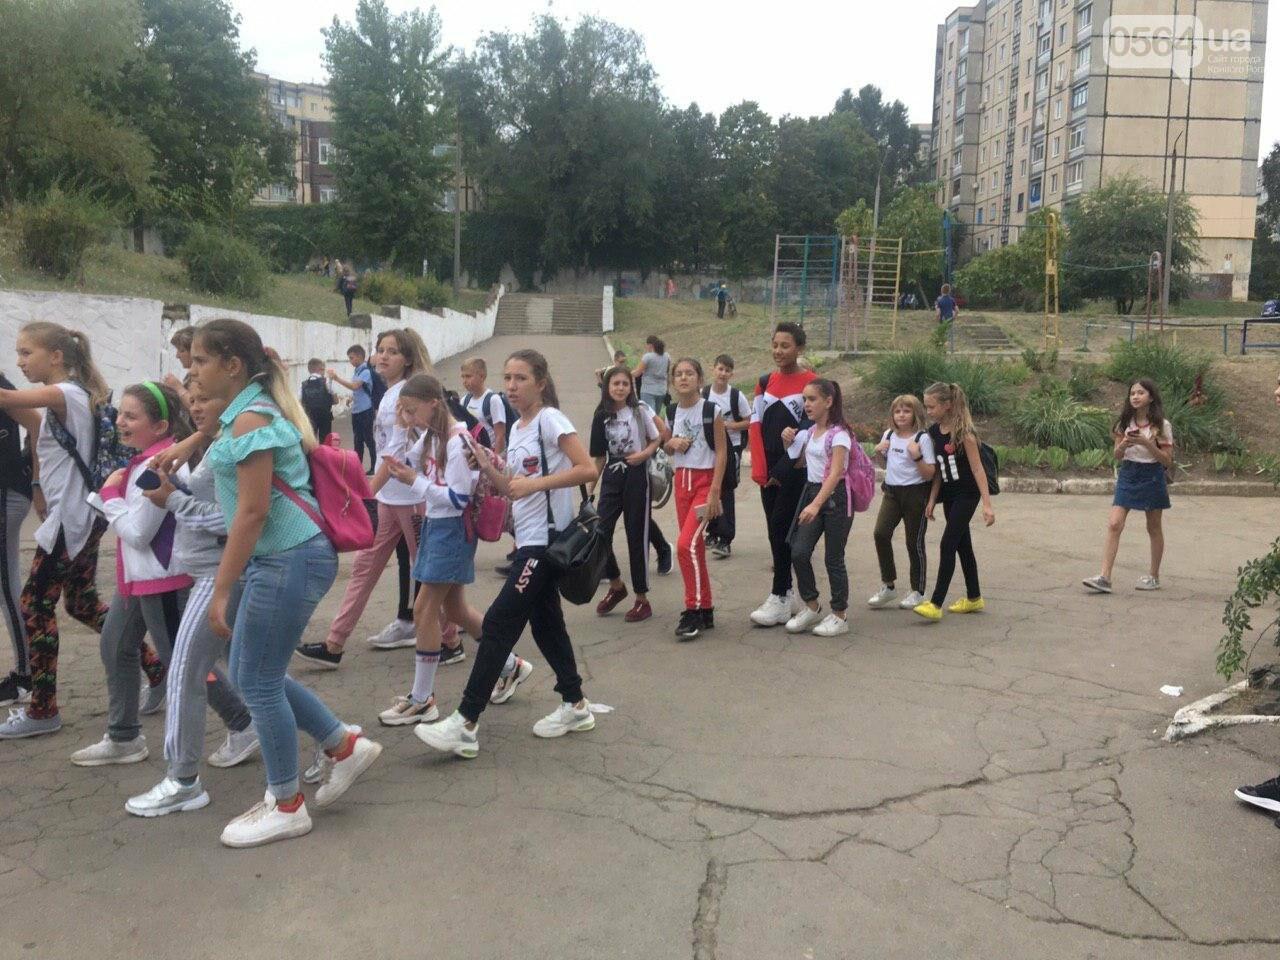 В одной из школ Кривого Рога из-за распыления неизвестного вещества срочно эвакуировали детей, - ФОТО, фото-6